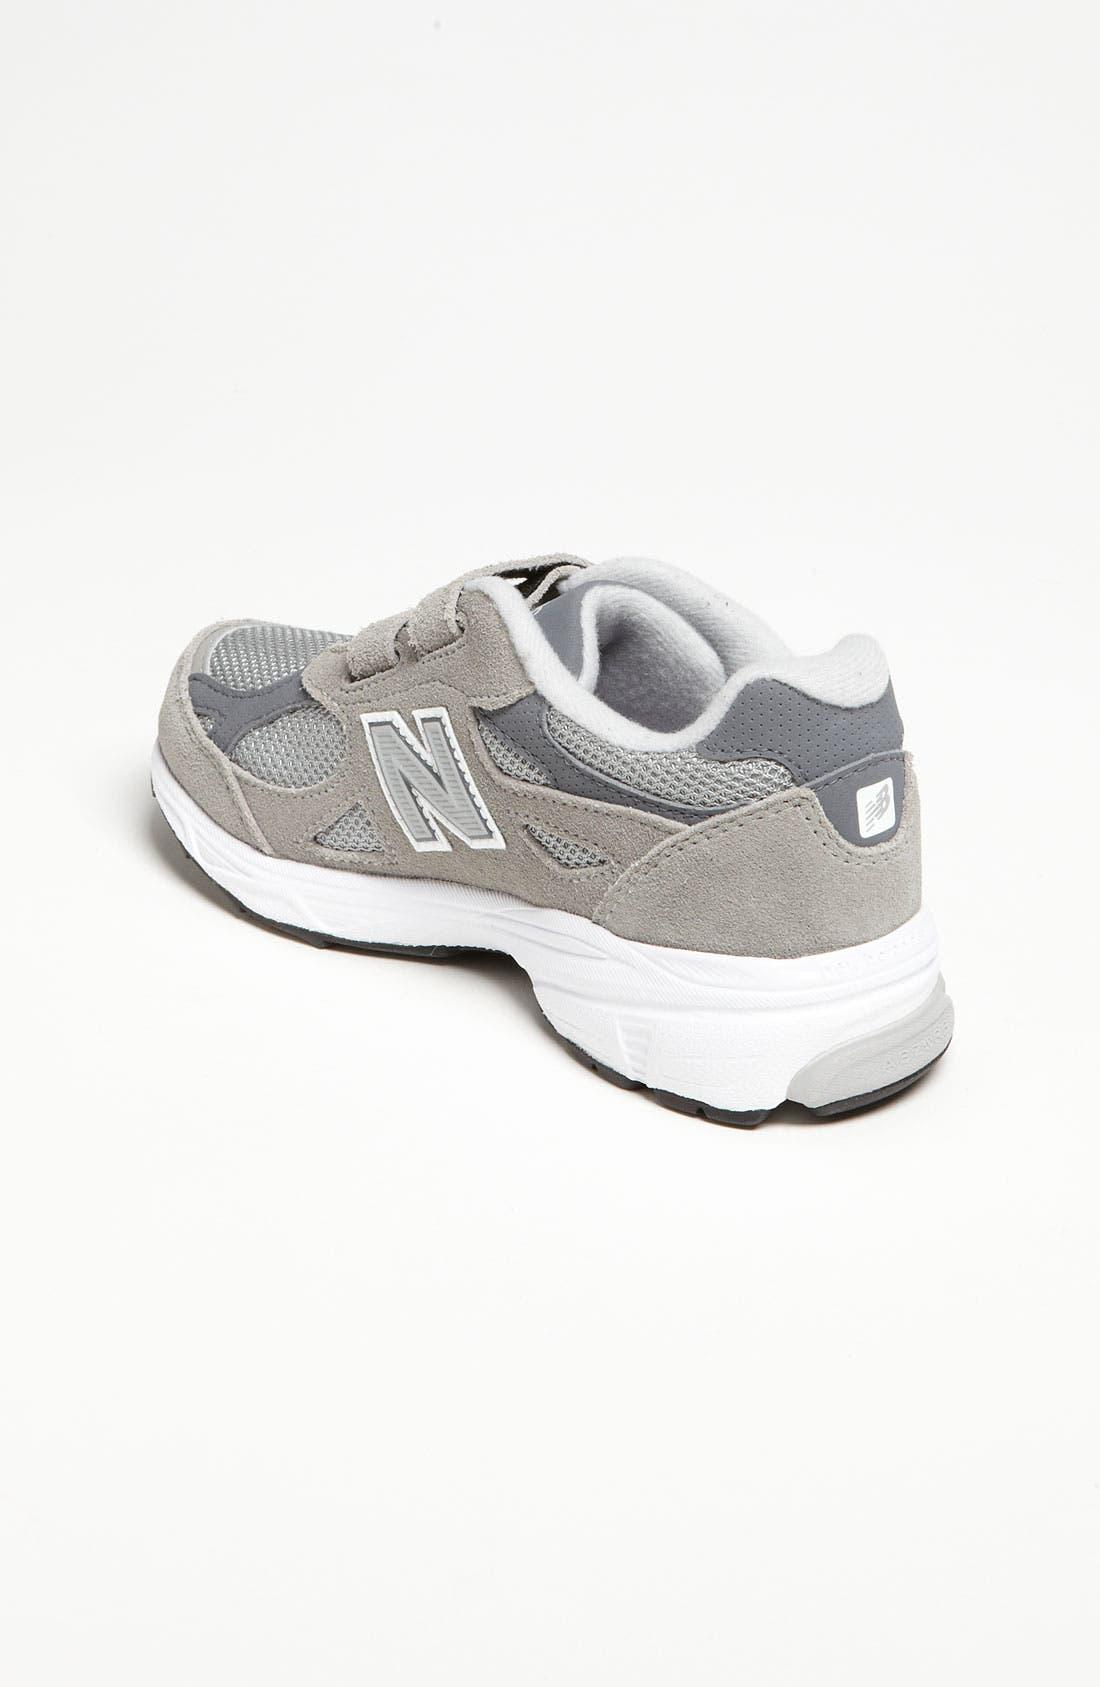 Alternate Image 2  - New Balance '990' Sneaker (Baby, Walker, Toddler & Little Kid)